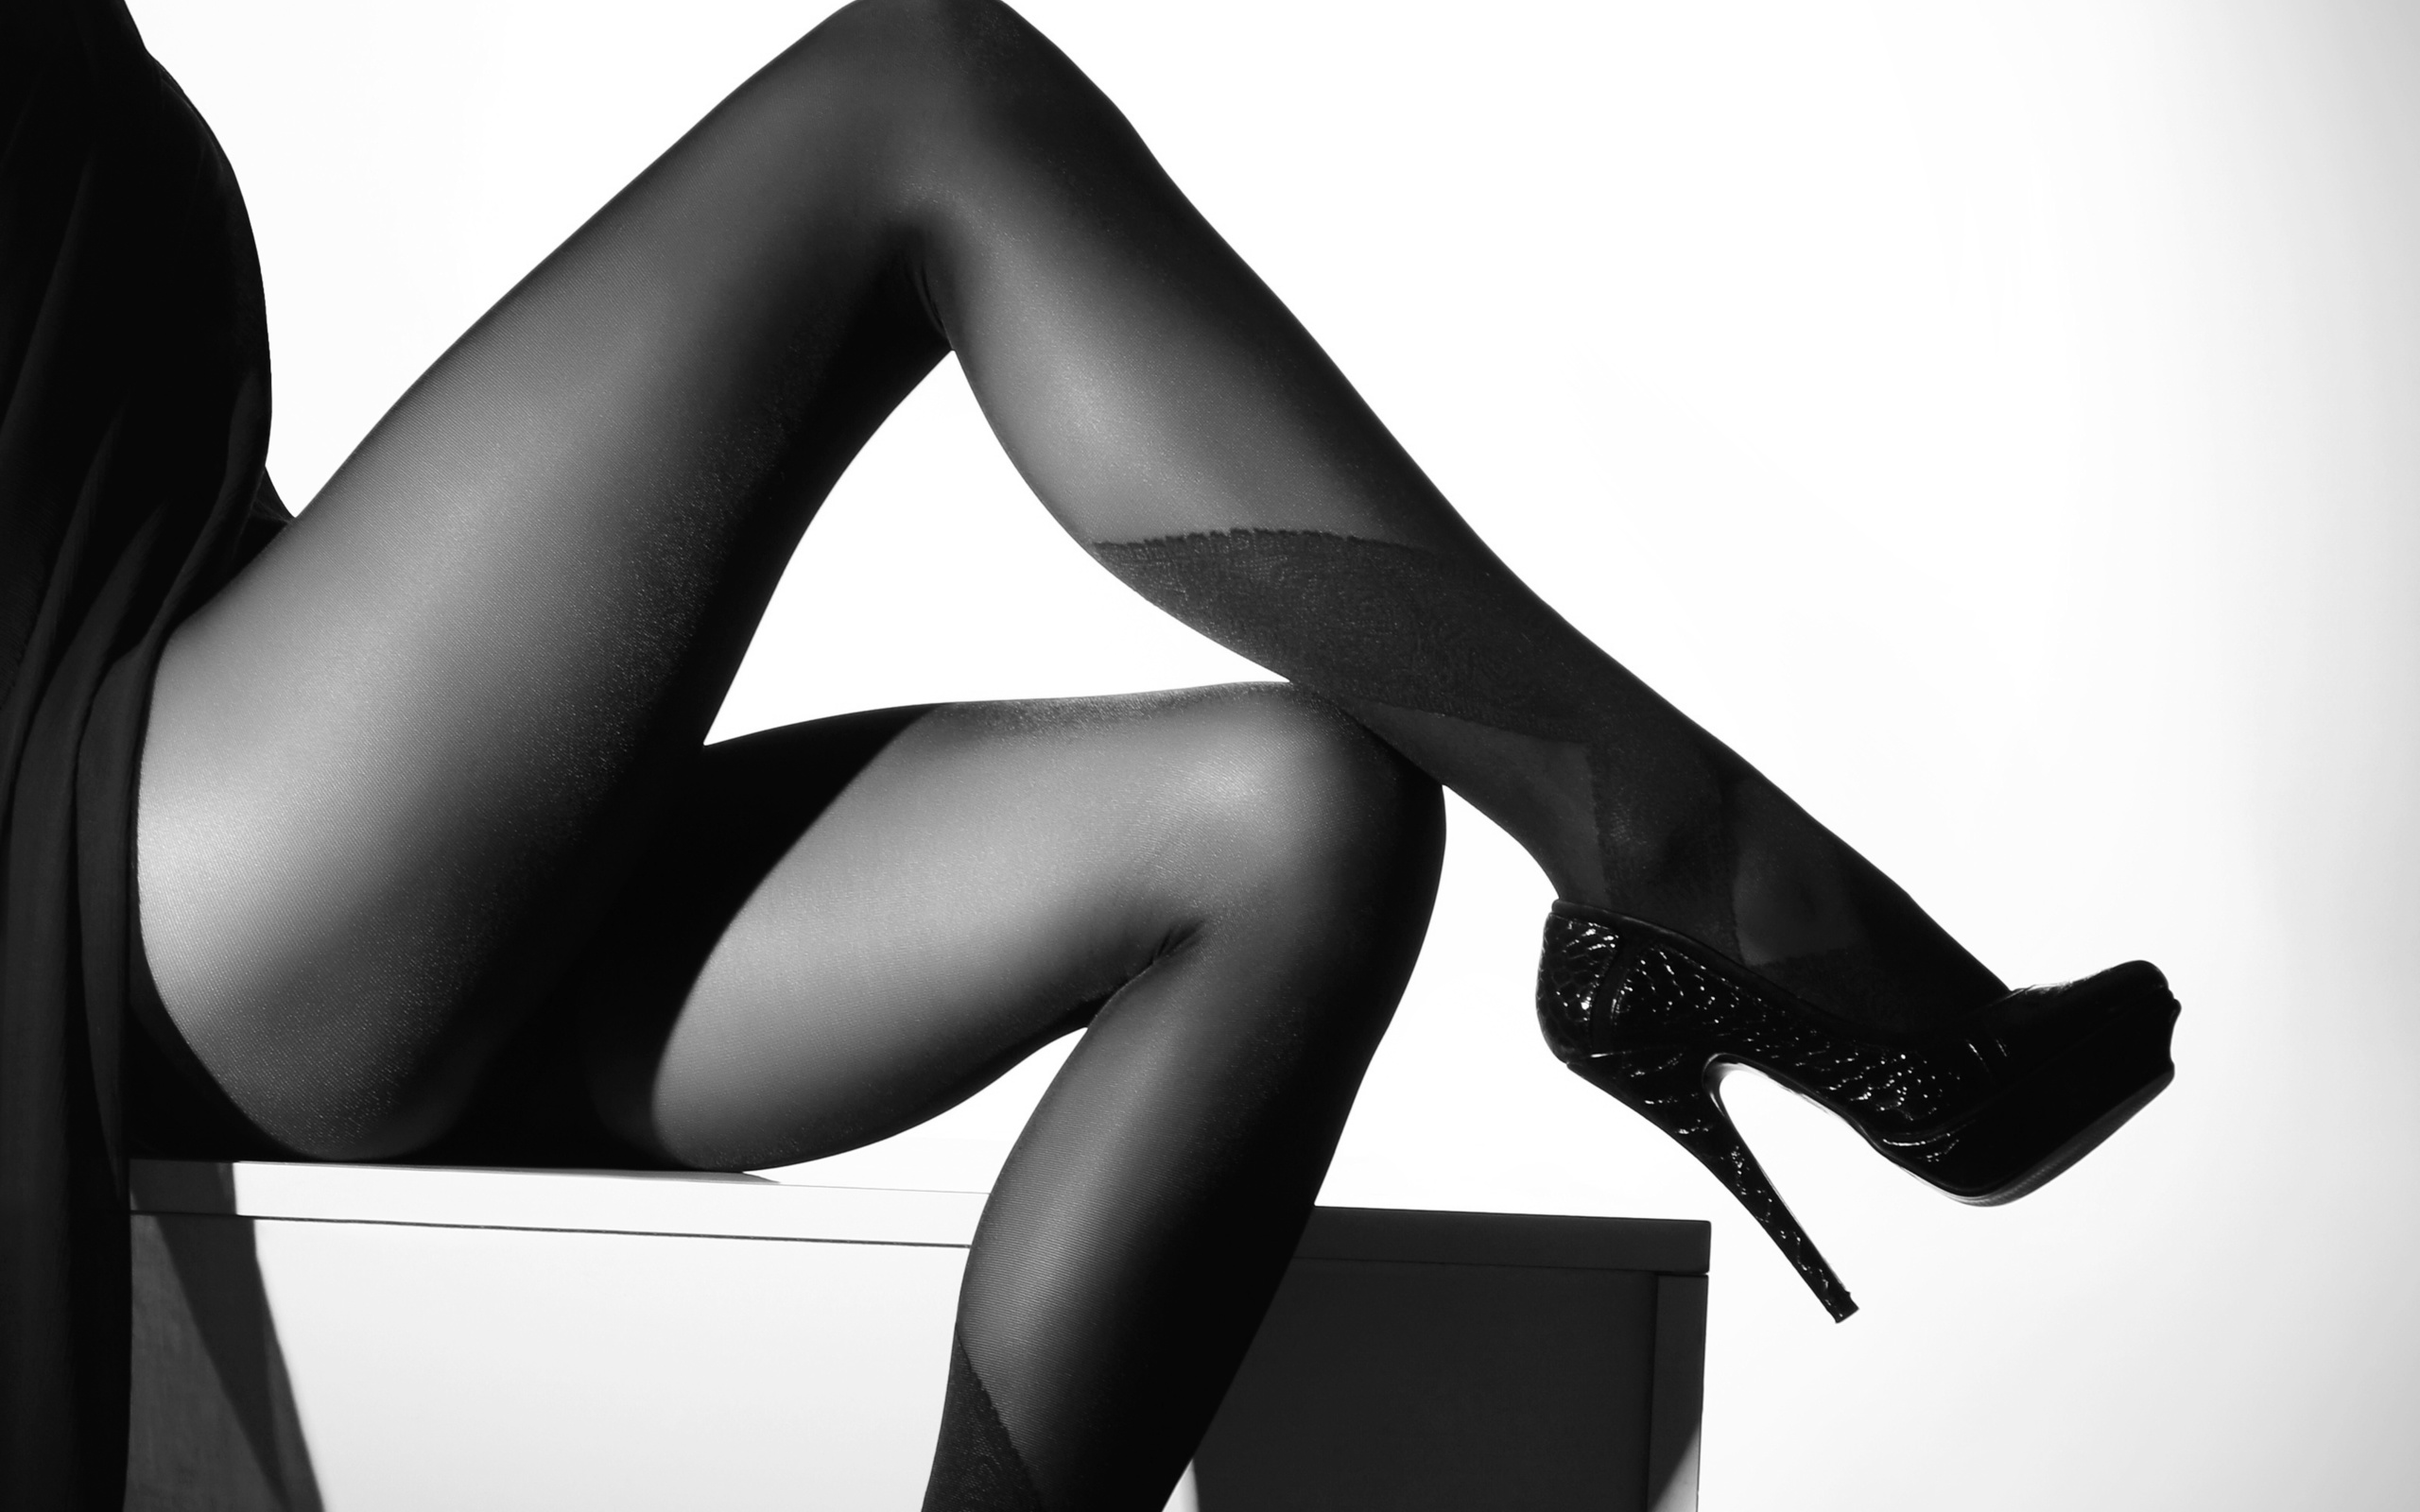 Фотографии ног женщин 14 фотография